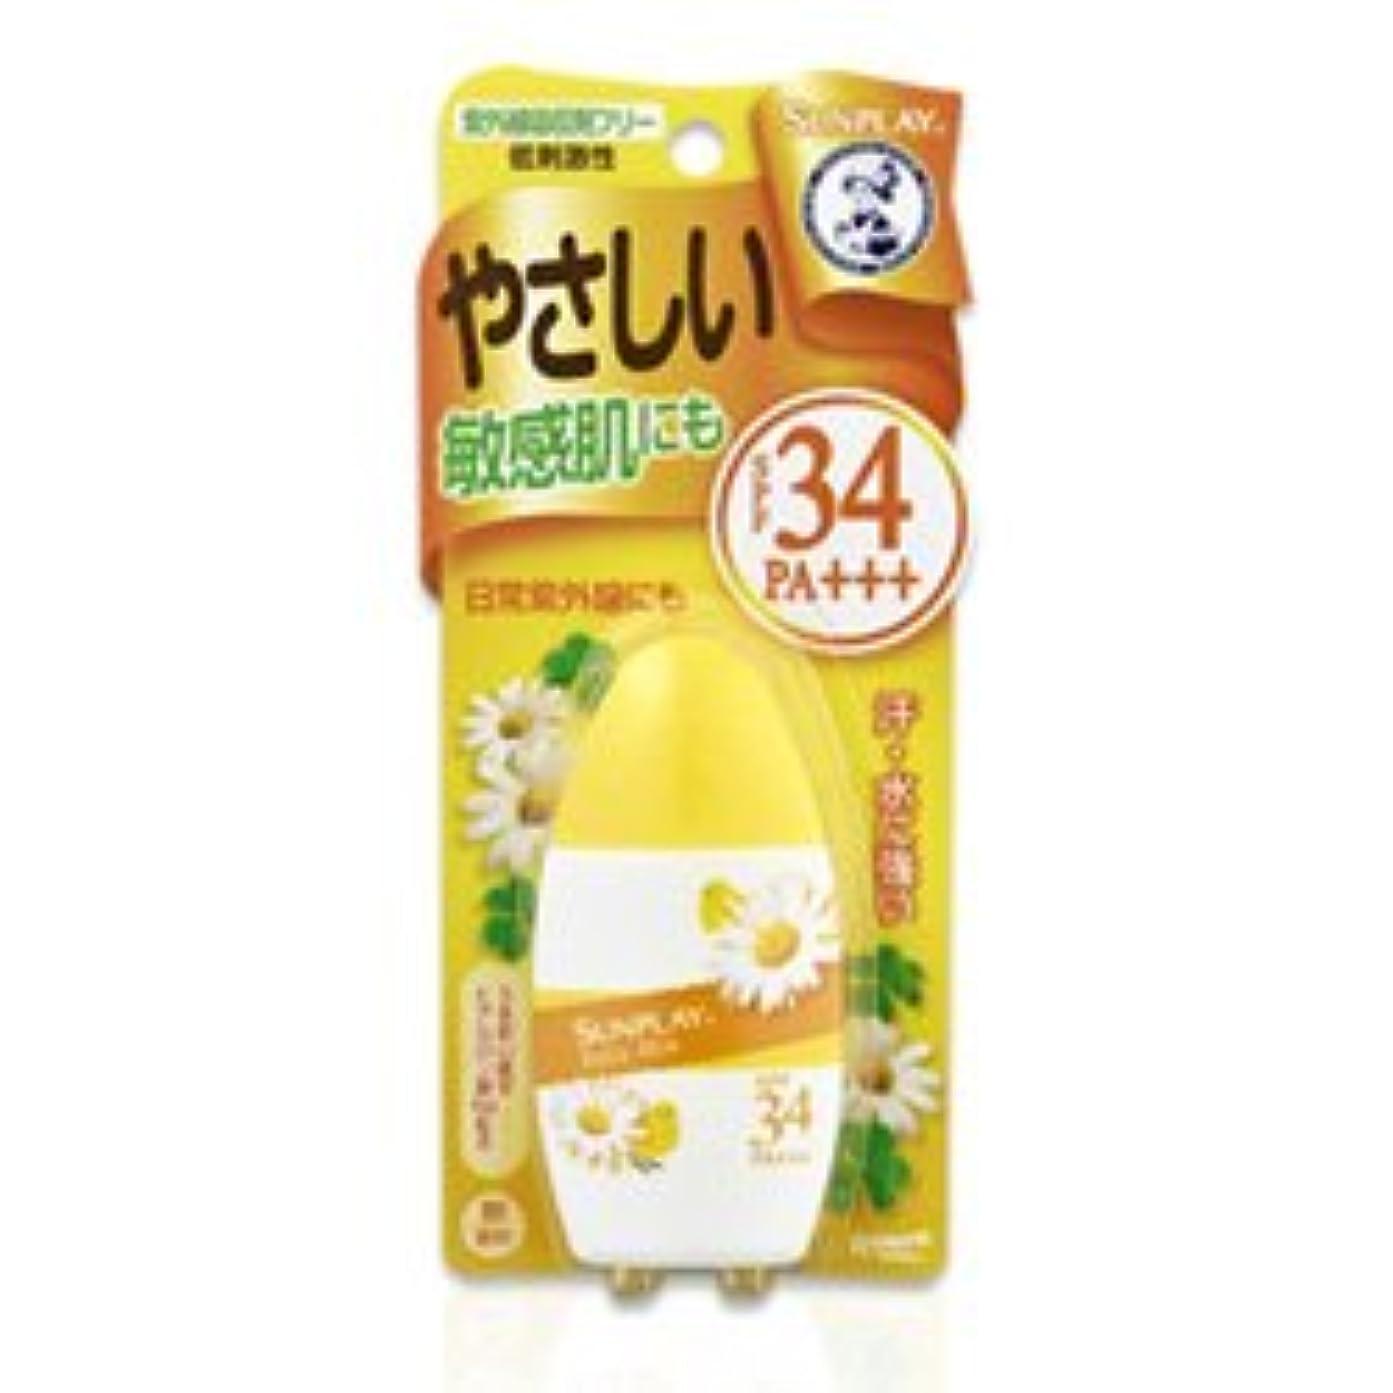 原因精度病【ロート製薬】メンソレータム サンプレイ ベビーミルク 30g ×20個セット